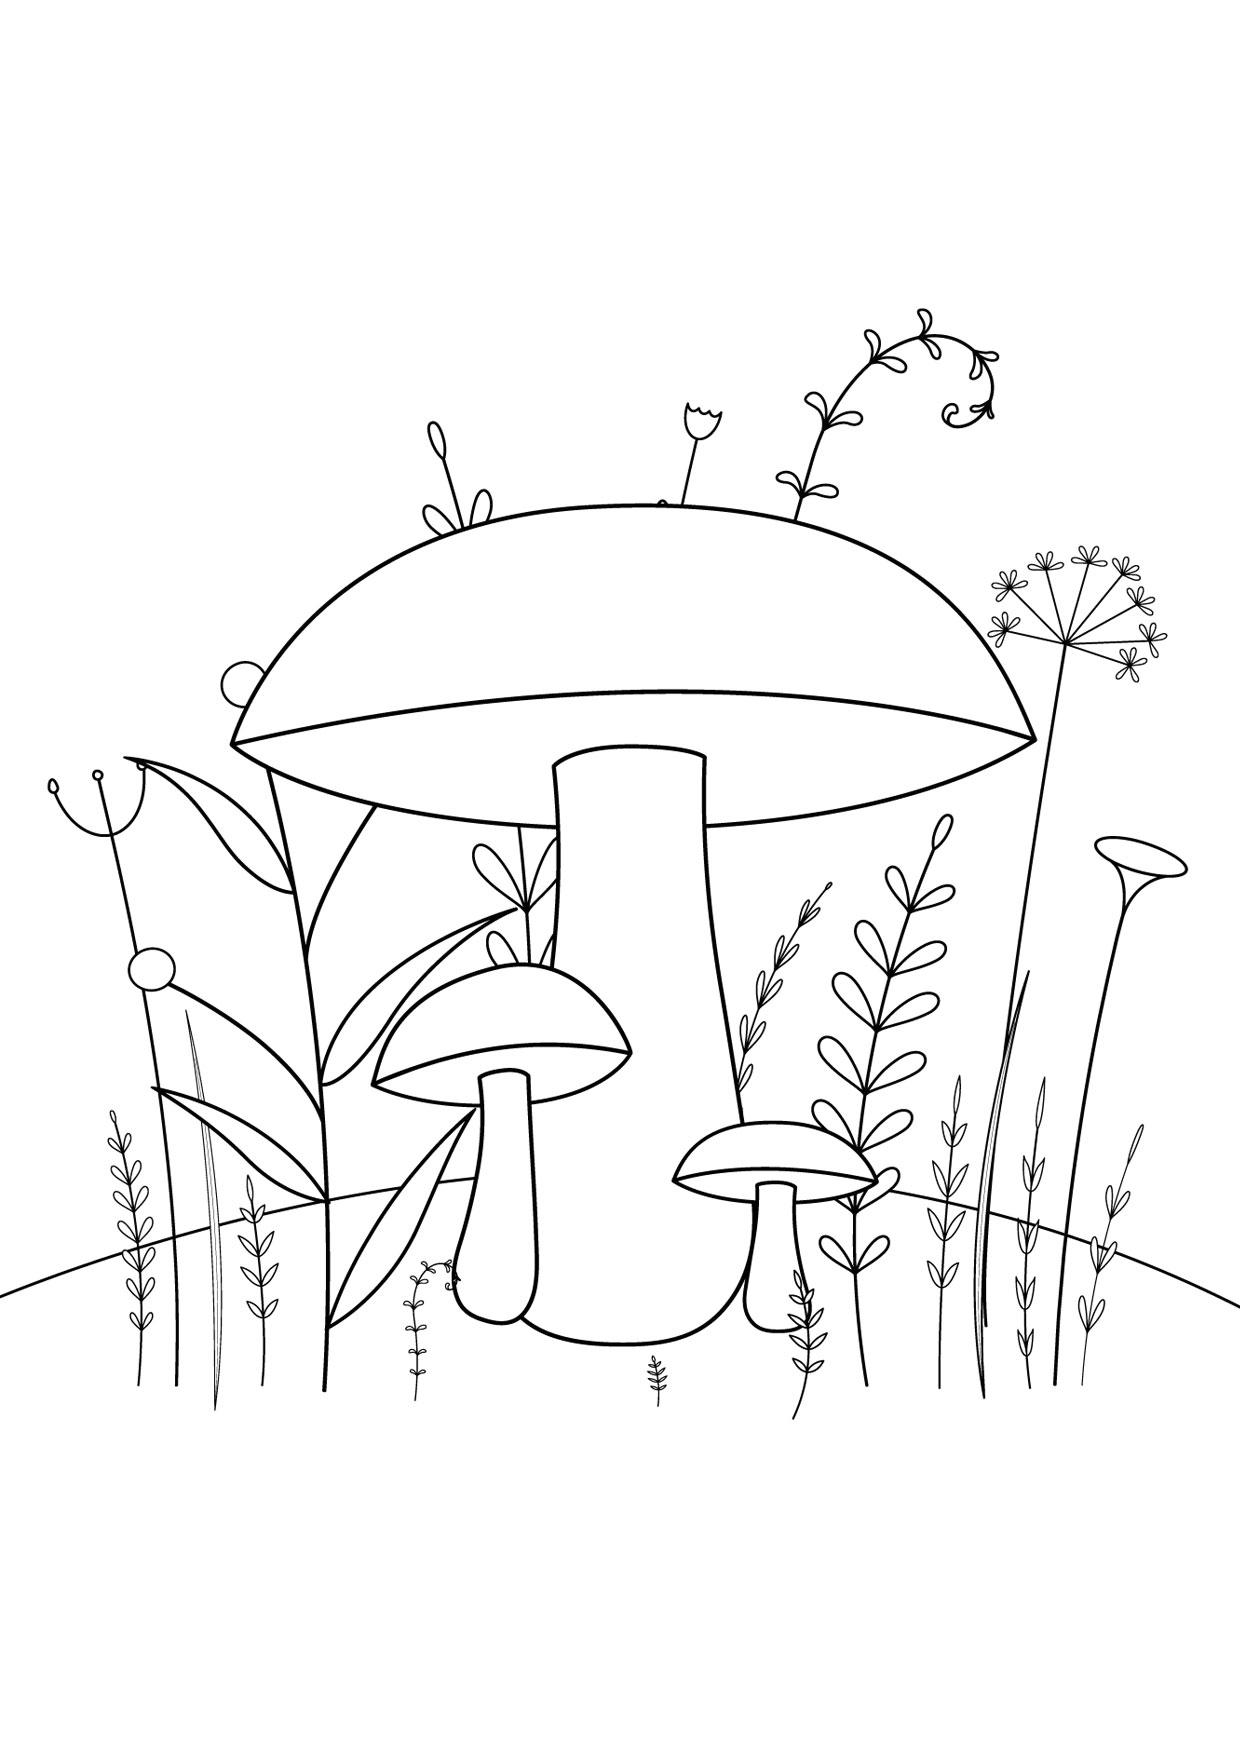 Disegno di funghi da colorare 10